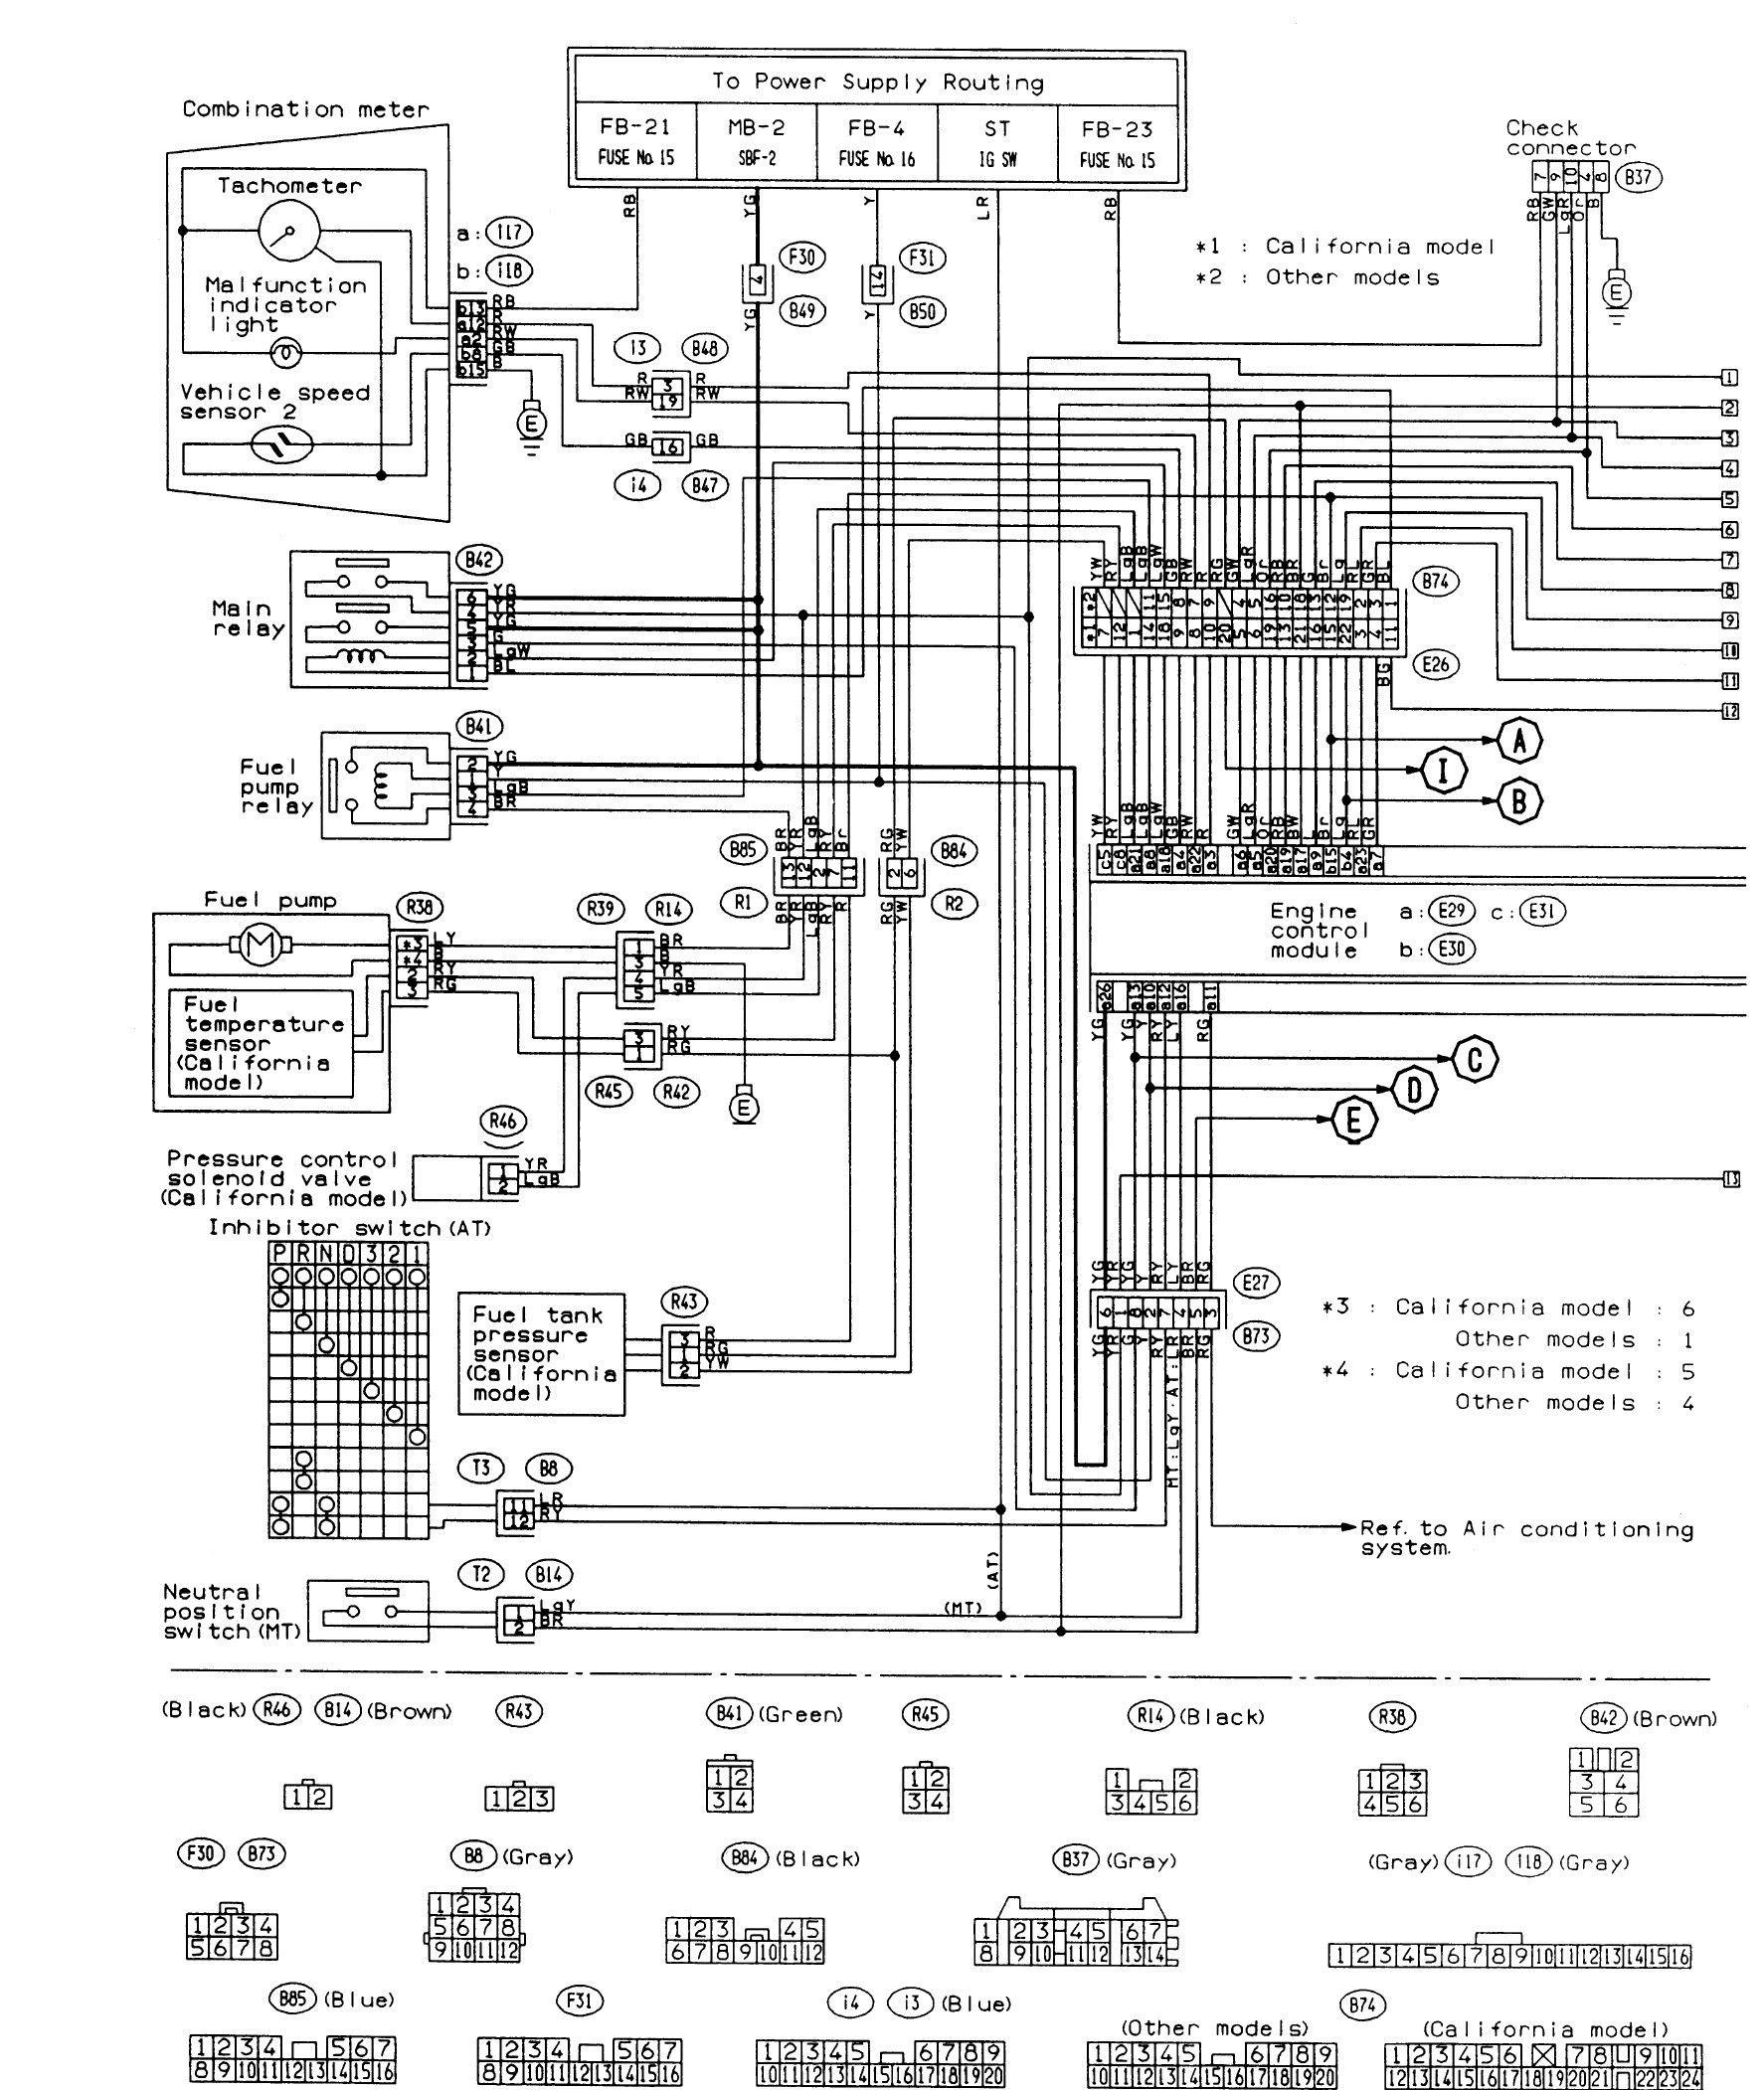 Subaru Wiring Diagram Color Codes Subaru Impreza Subaru Forester Electrical Diagram